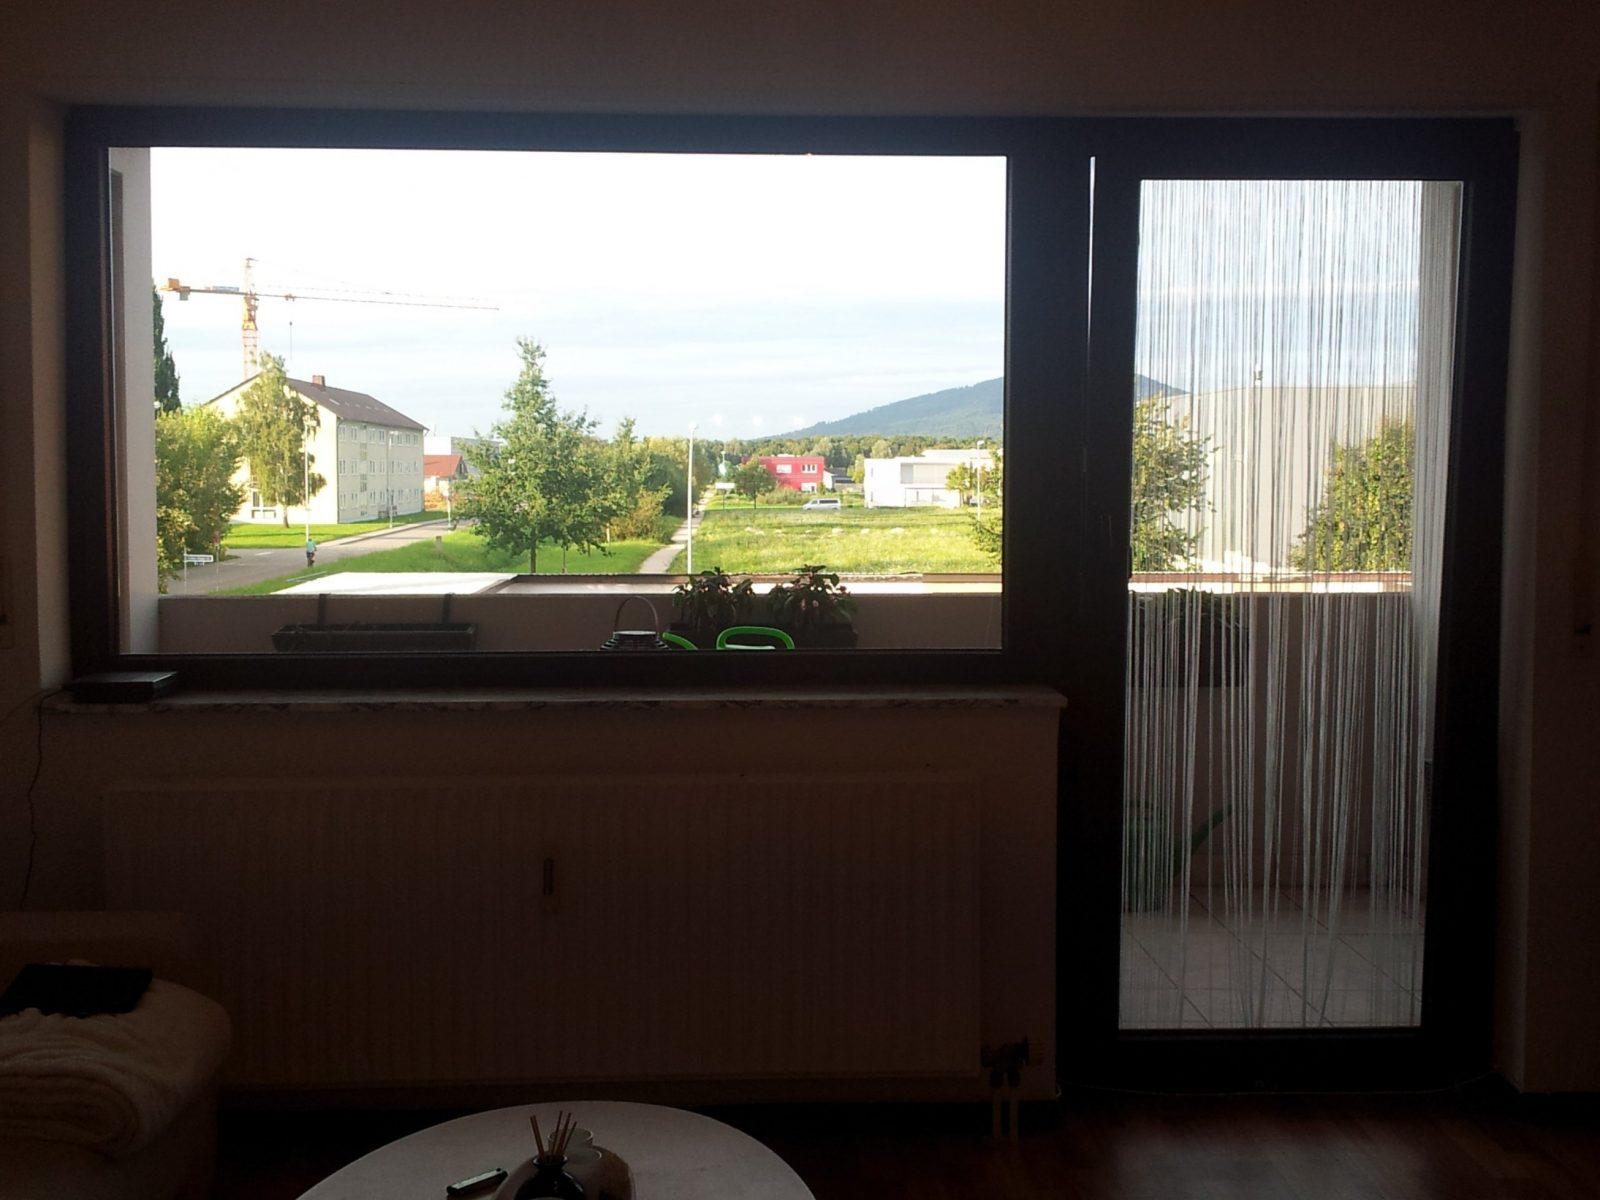 30 Einzigartig 30 Von Gardinen Balkontür Und Fenster Konzept von Gardinen Für Balkontür Und Fenster Photo